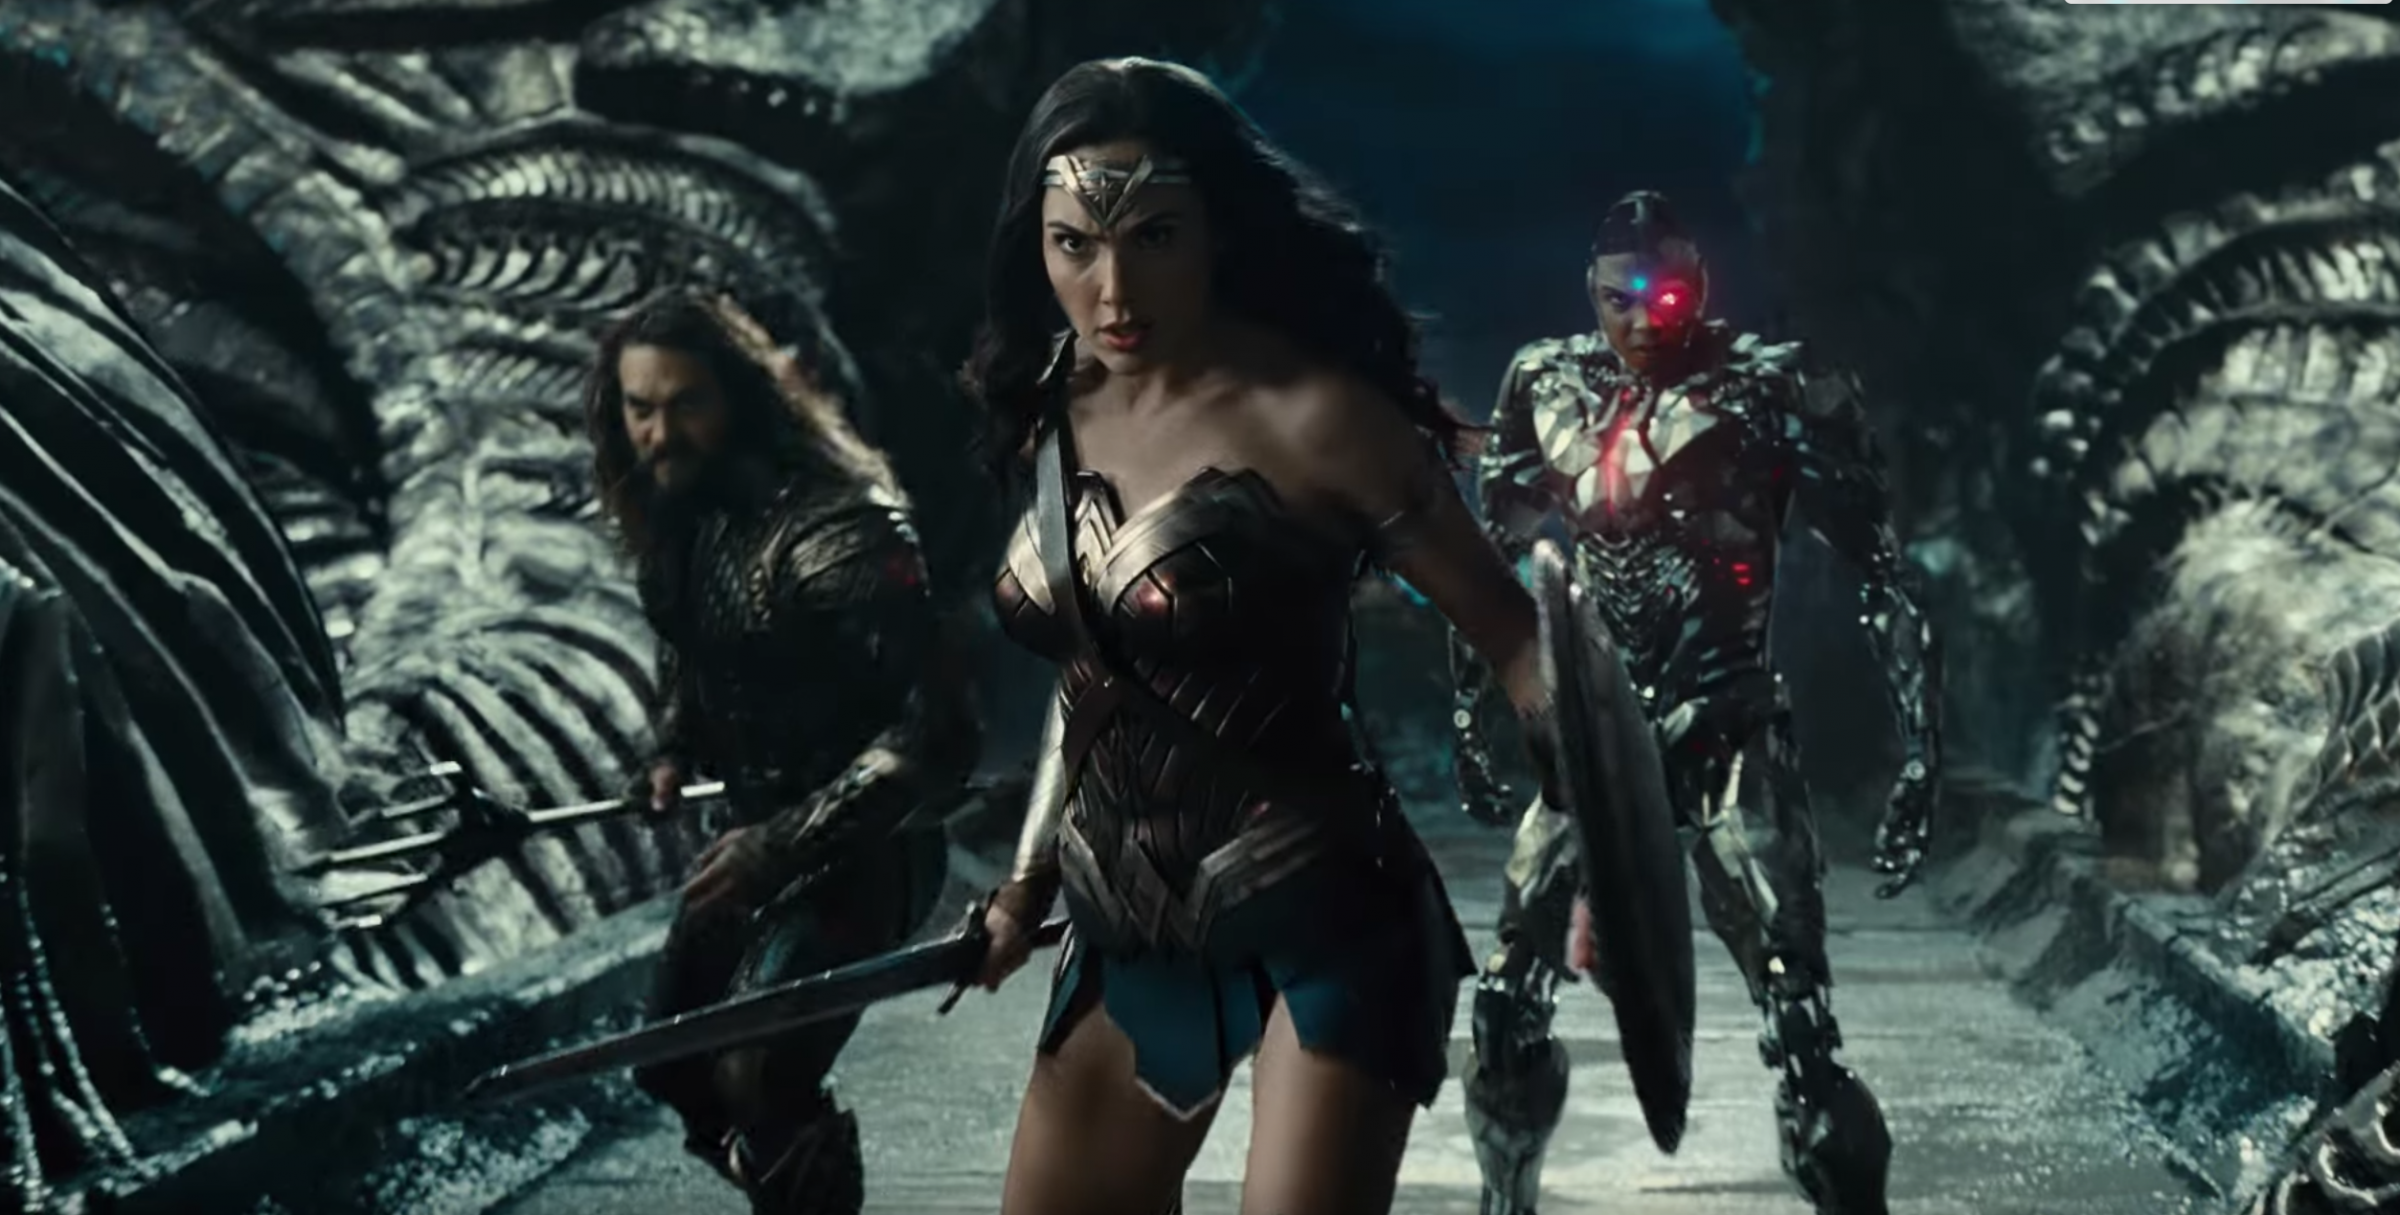 Imagem de Liga da Justiça mostra Mulher Maravilha tomando a dianteira com Aquaman e Ciborgue ao fundo